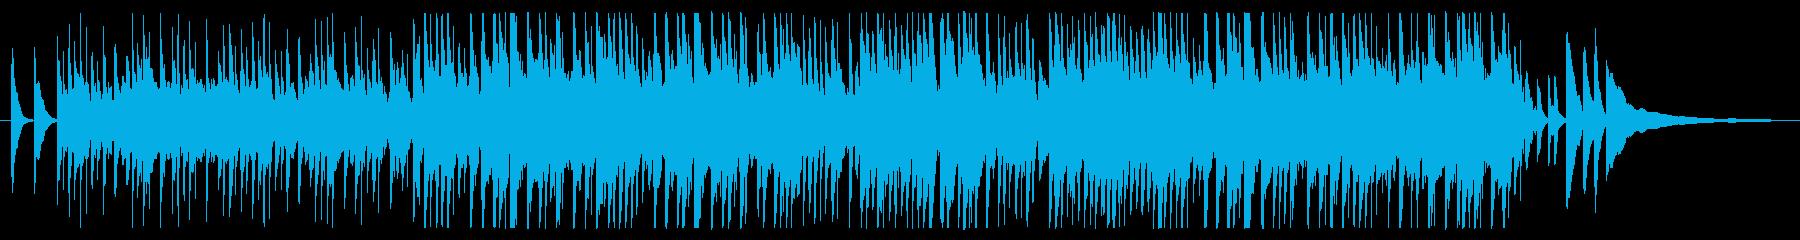 にしししし!マリンバで歌う笑顔のイメージの再生済みの波形